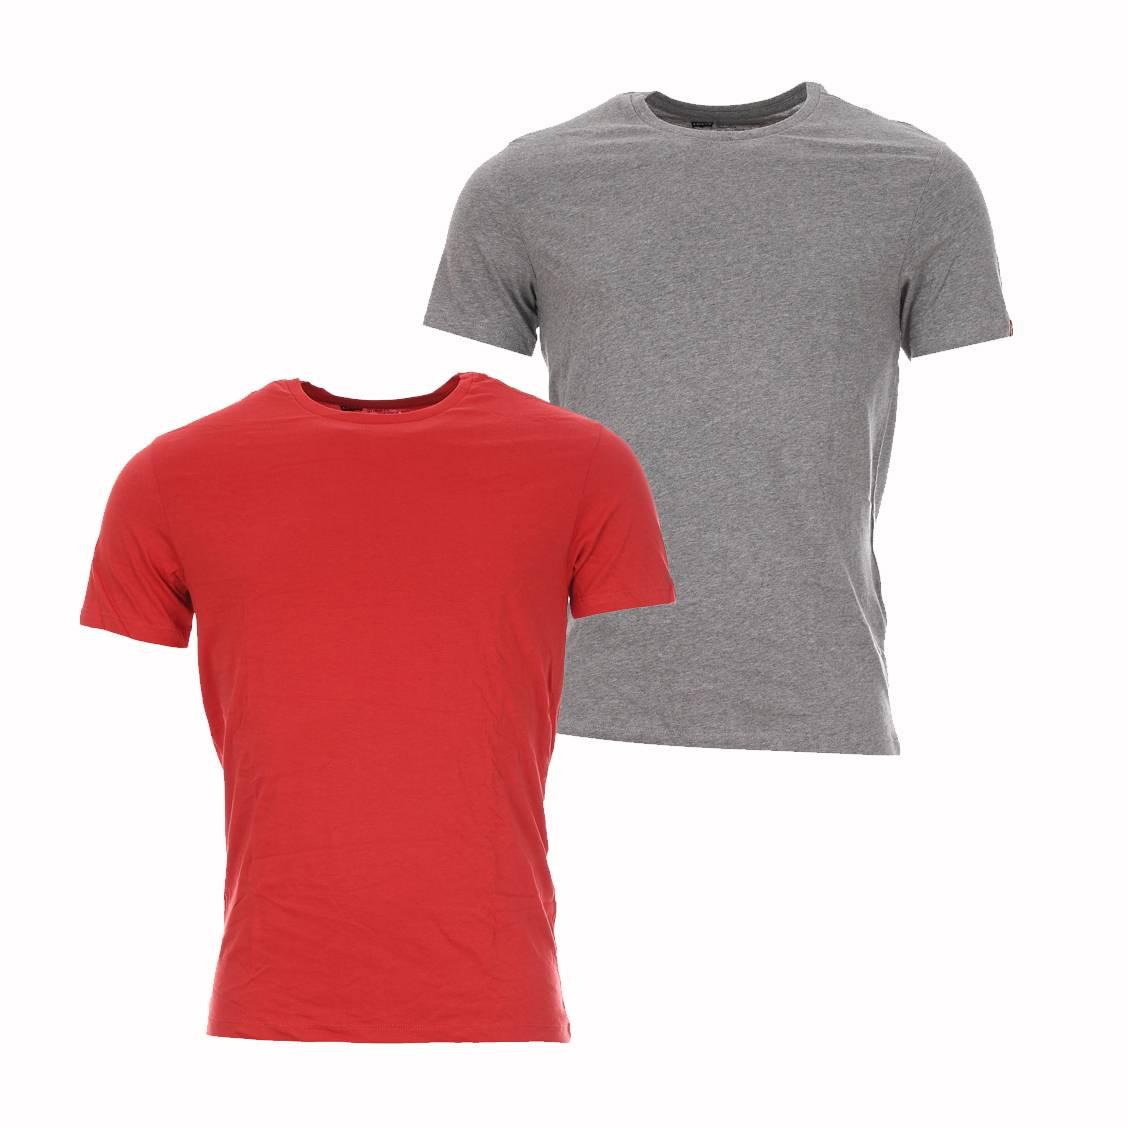 lot de 2 tee shirts col rond levi 39 s en coton gris et rouge. Black Bedroom Furniture Sets. Home Design Ideas